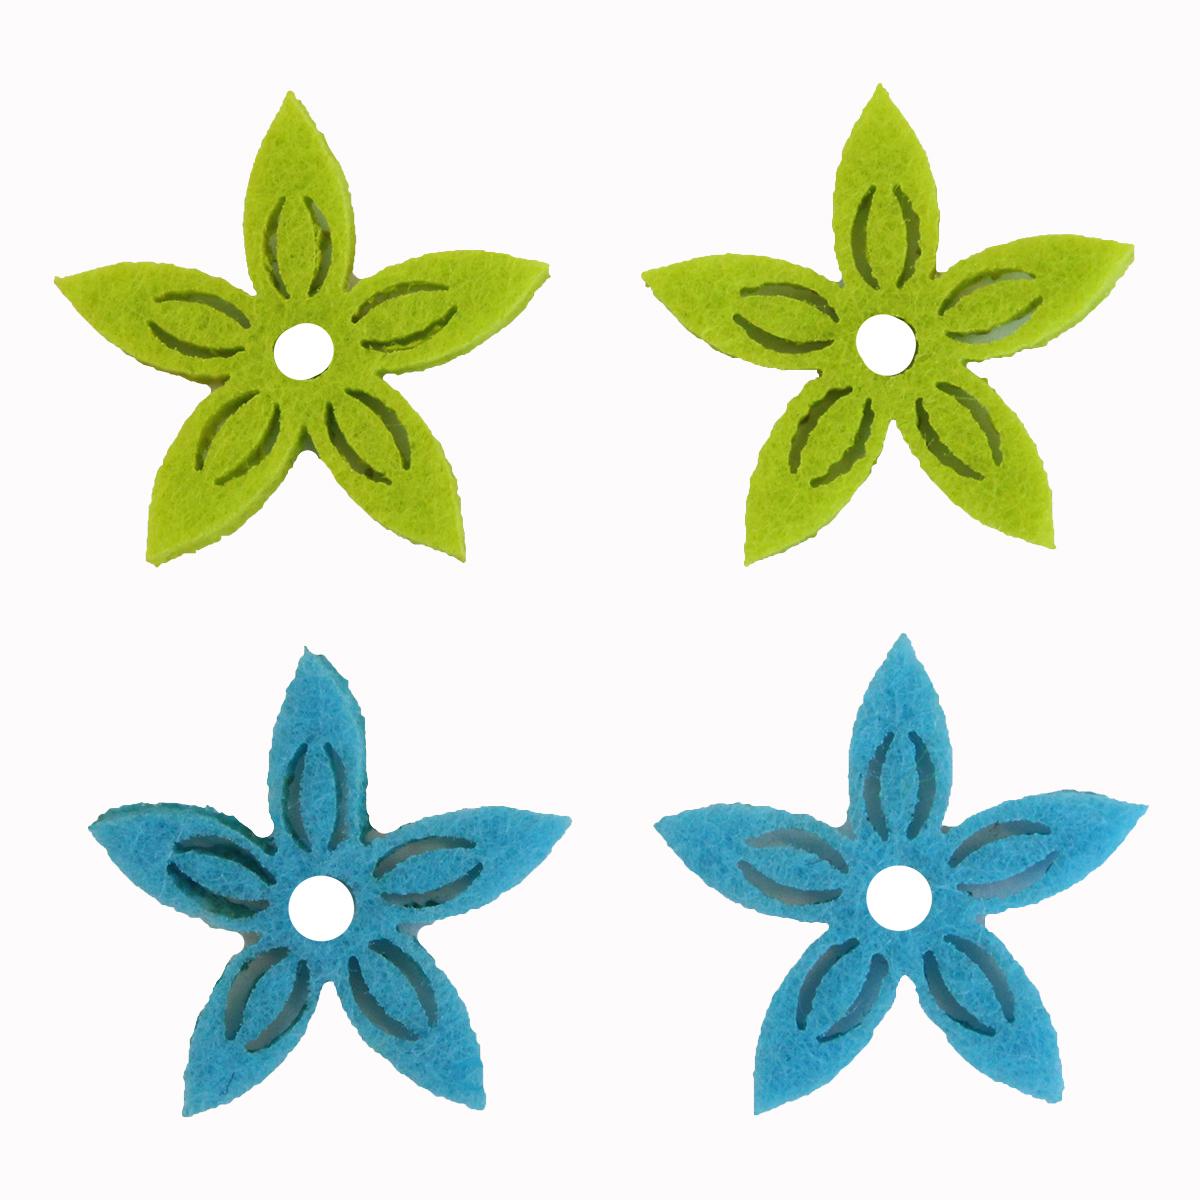 Фигурки из фетра Glorex Цветы, цвет: светло-голубой, светло-зеленый, 3 см, 12 шт19201Фетр пользуется большой популярностью среди рукодельниц. Его любят за эстетичный вид, практичность и отличную текстуру. Из данного материала вашему вниманию предлагаются заготовки Glorex. Широкое разнообразие цветов и форм поможет реализовать творческие задумки и гармоничным образом дополнить ваше творение. Из фетра можно создавать обложки для книг, ежедневников, игрушки, декоративные чехлы для подушек и многое, многое другое.